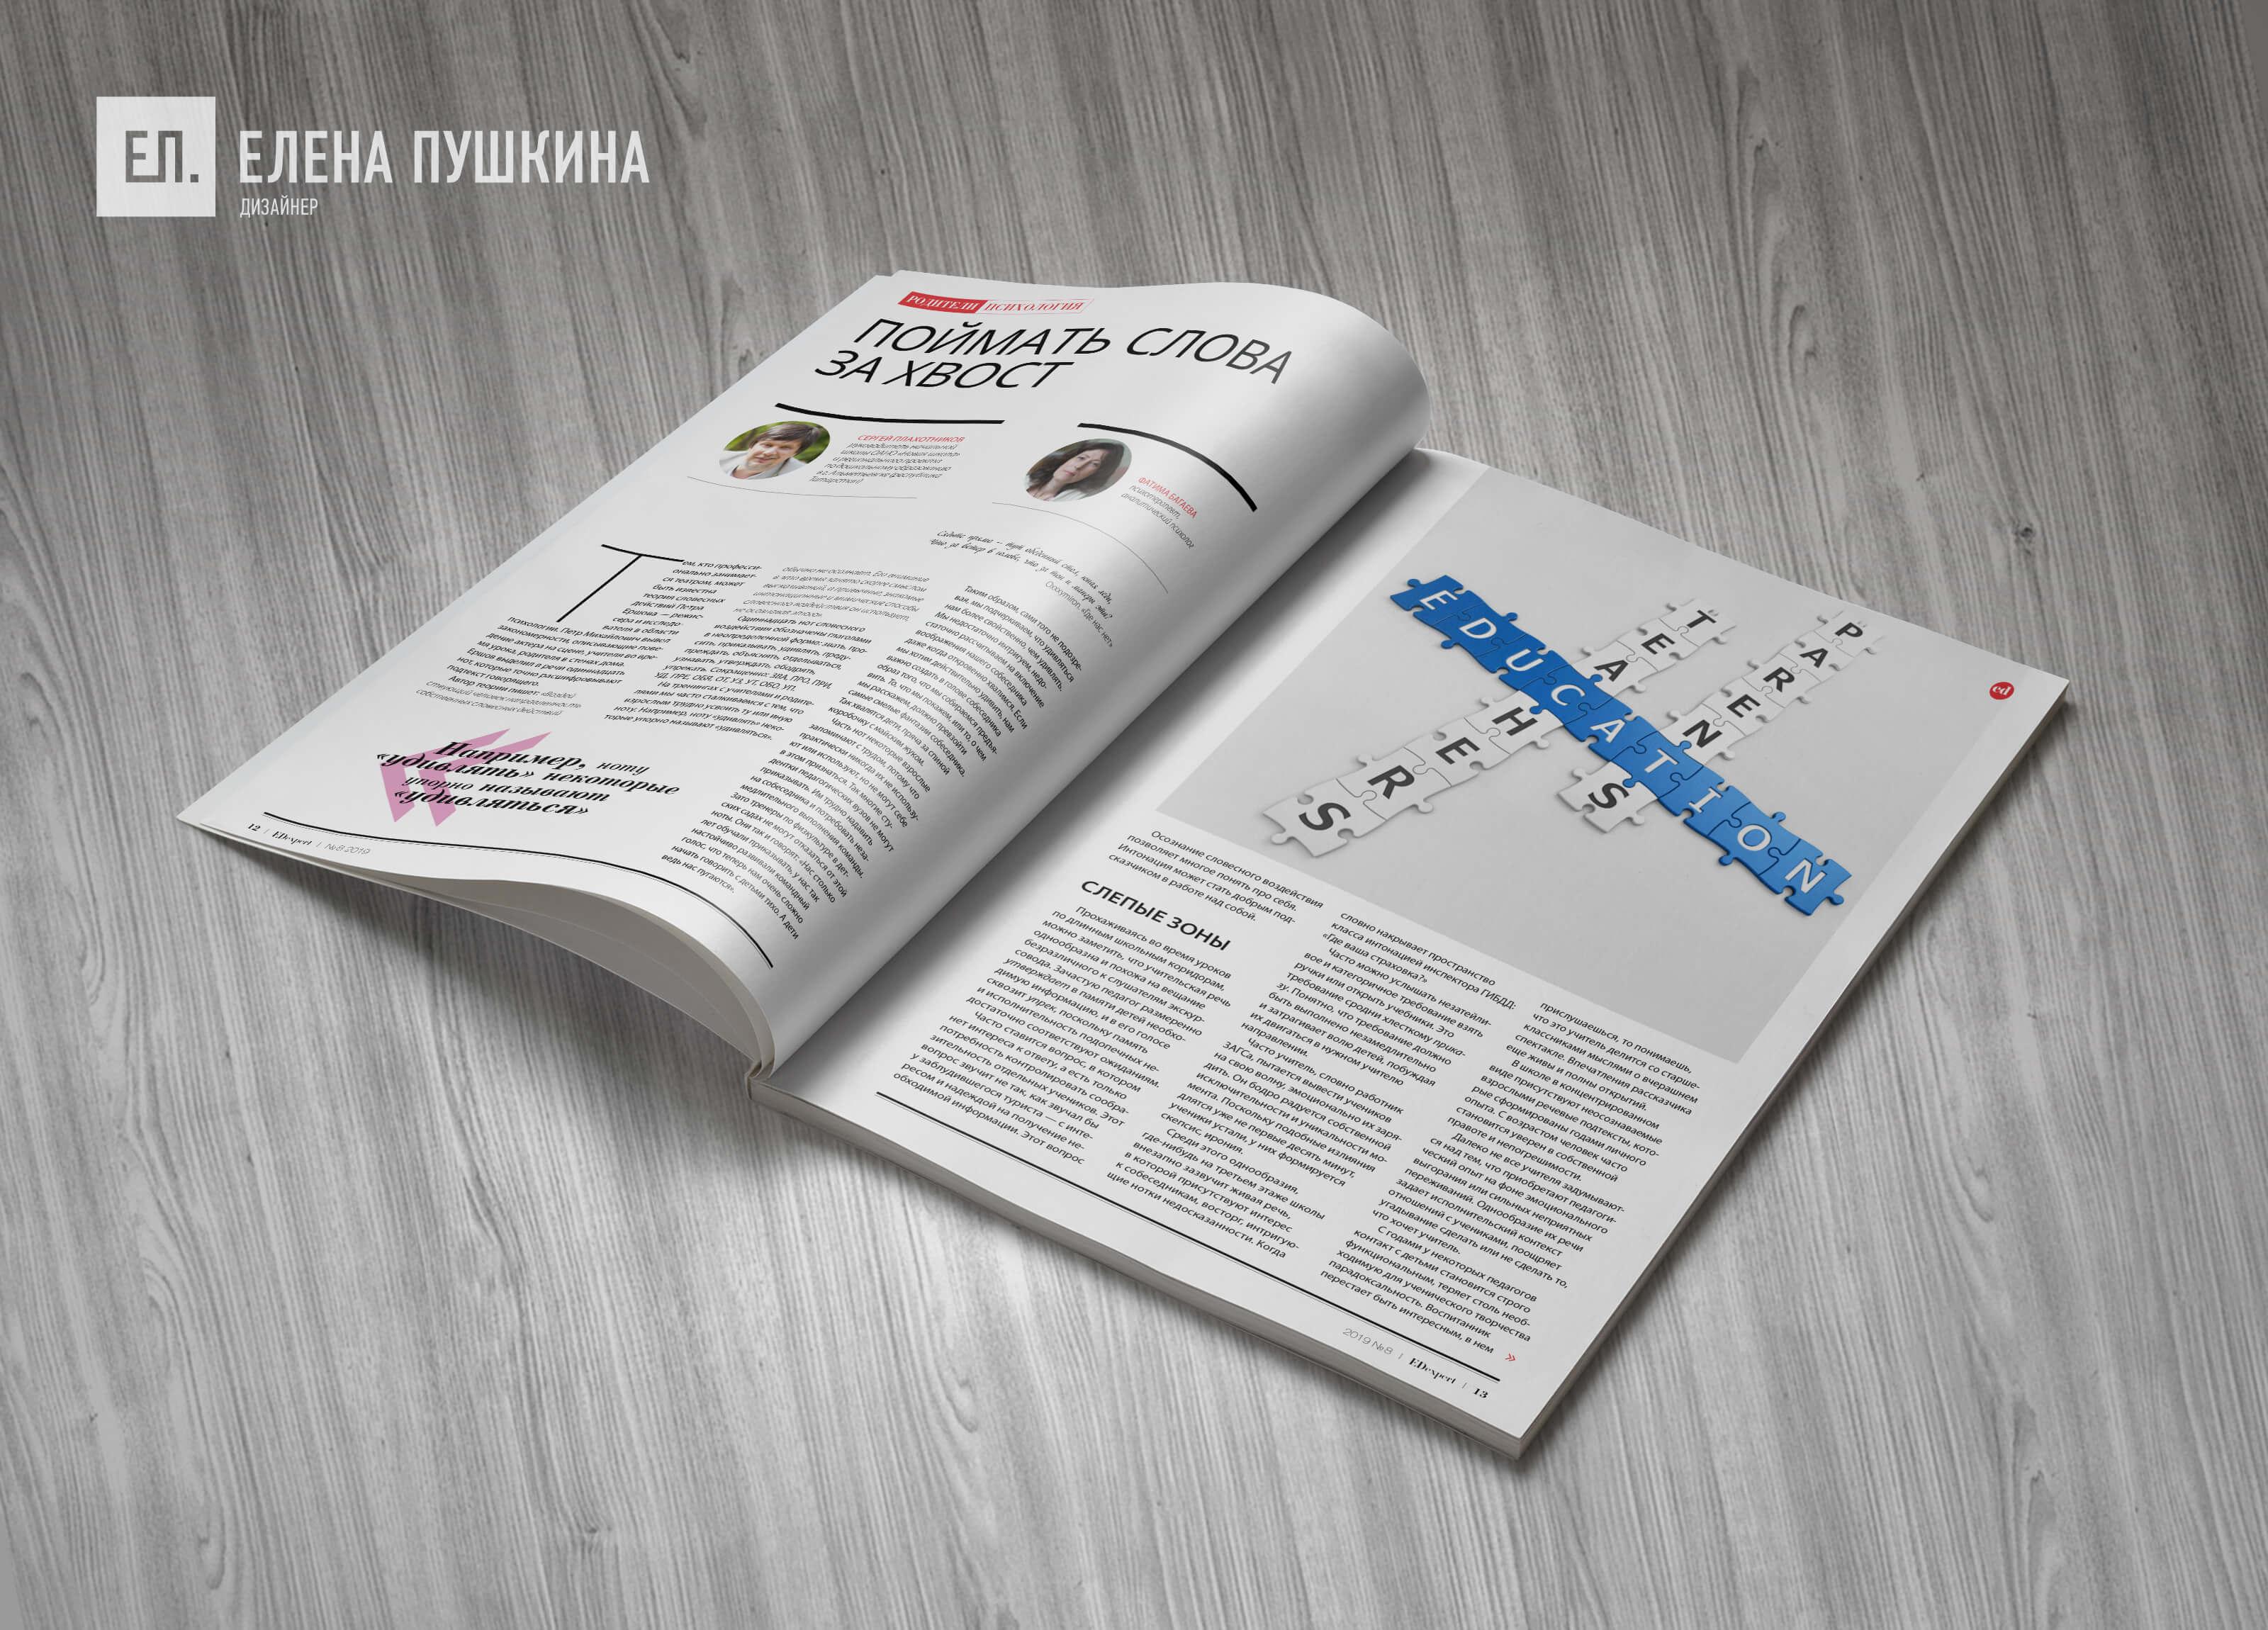 Журнал «EDexpert» №8 апрель 2019 — разработка с «нуля» логотипа, обложки, макета и вёрстка журнала Разработка журналов Портфолио